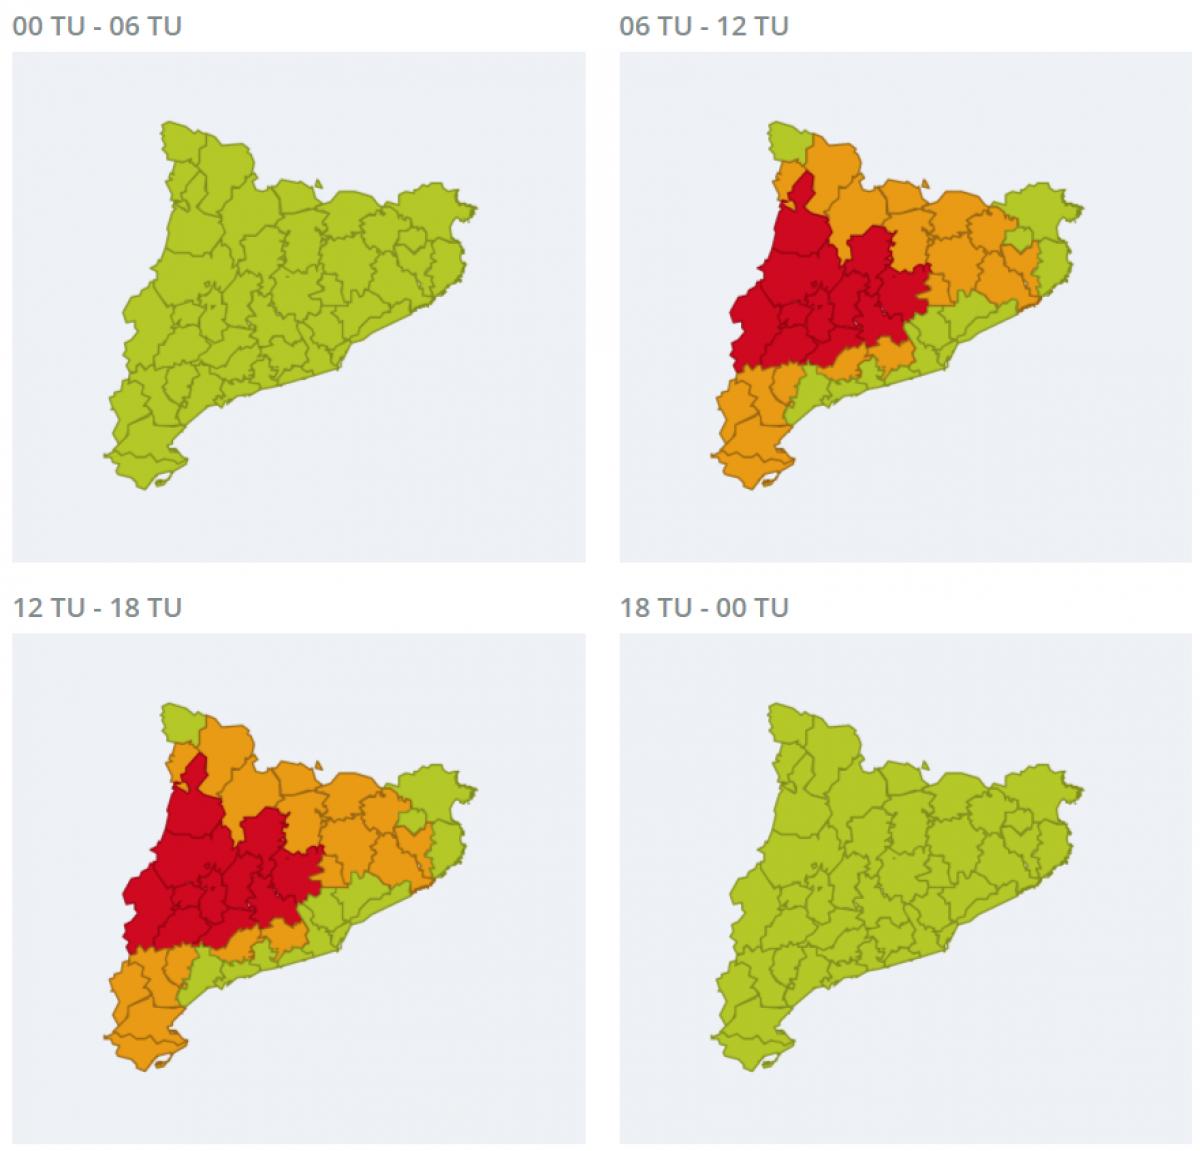 Mapa d'alerta per calor extrema aquest diumenge